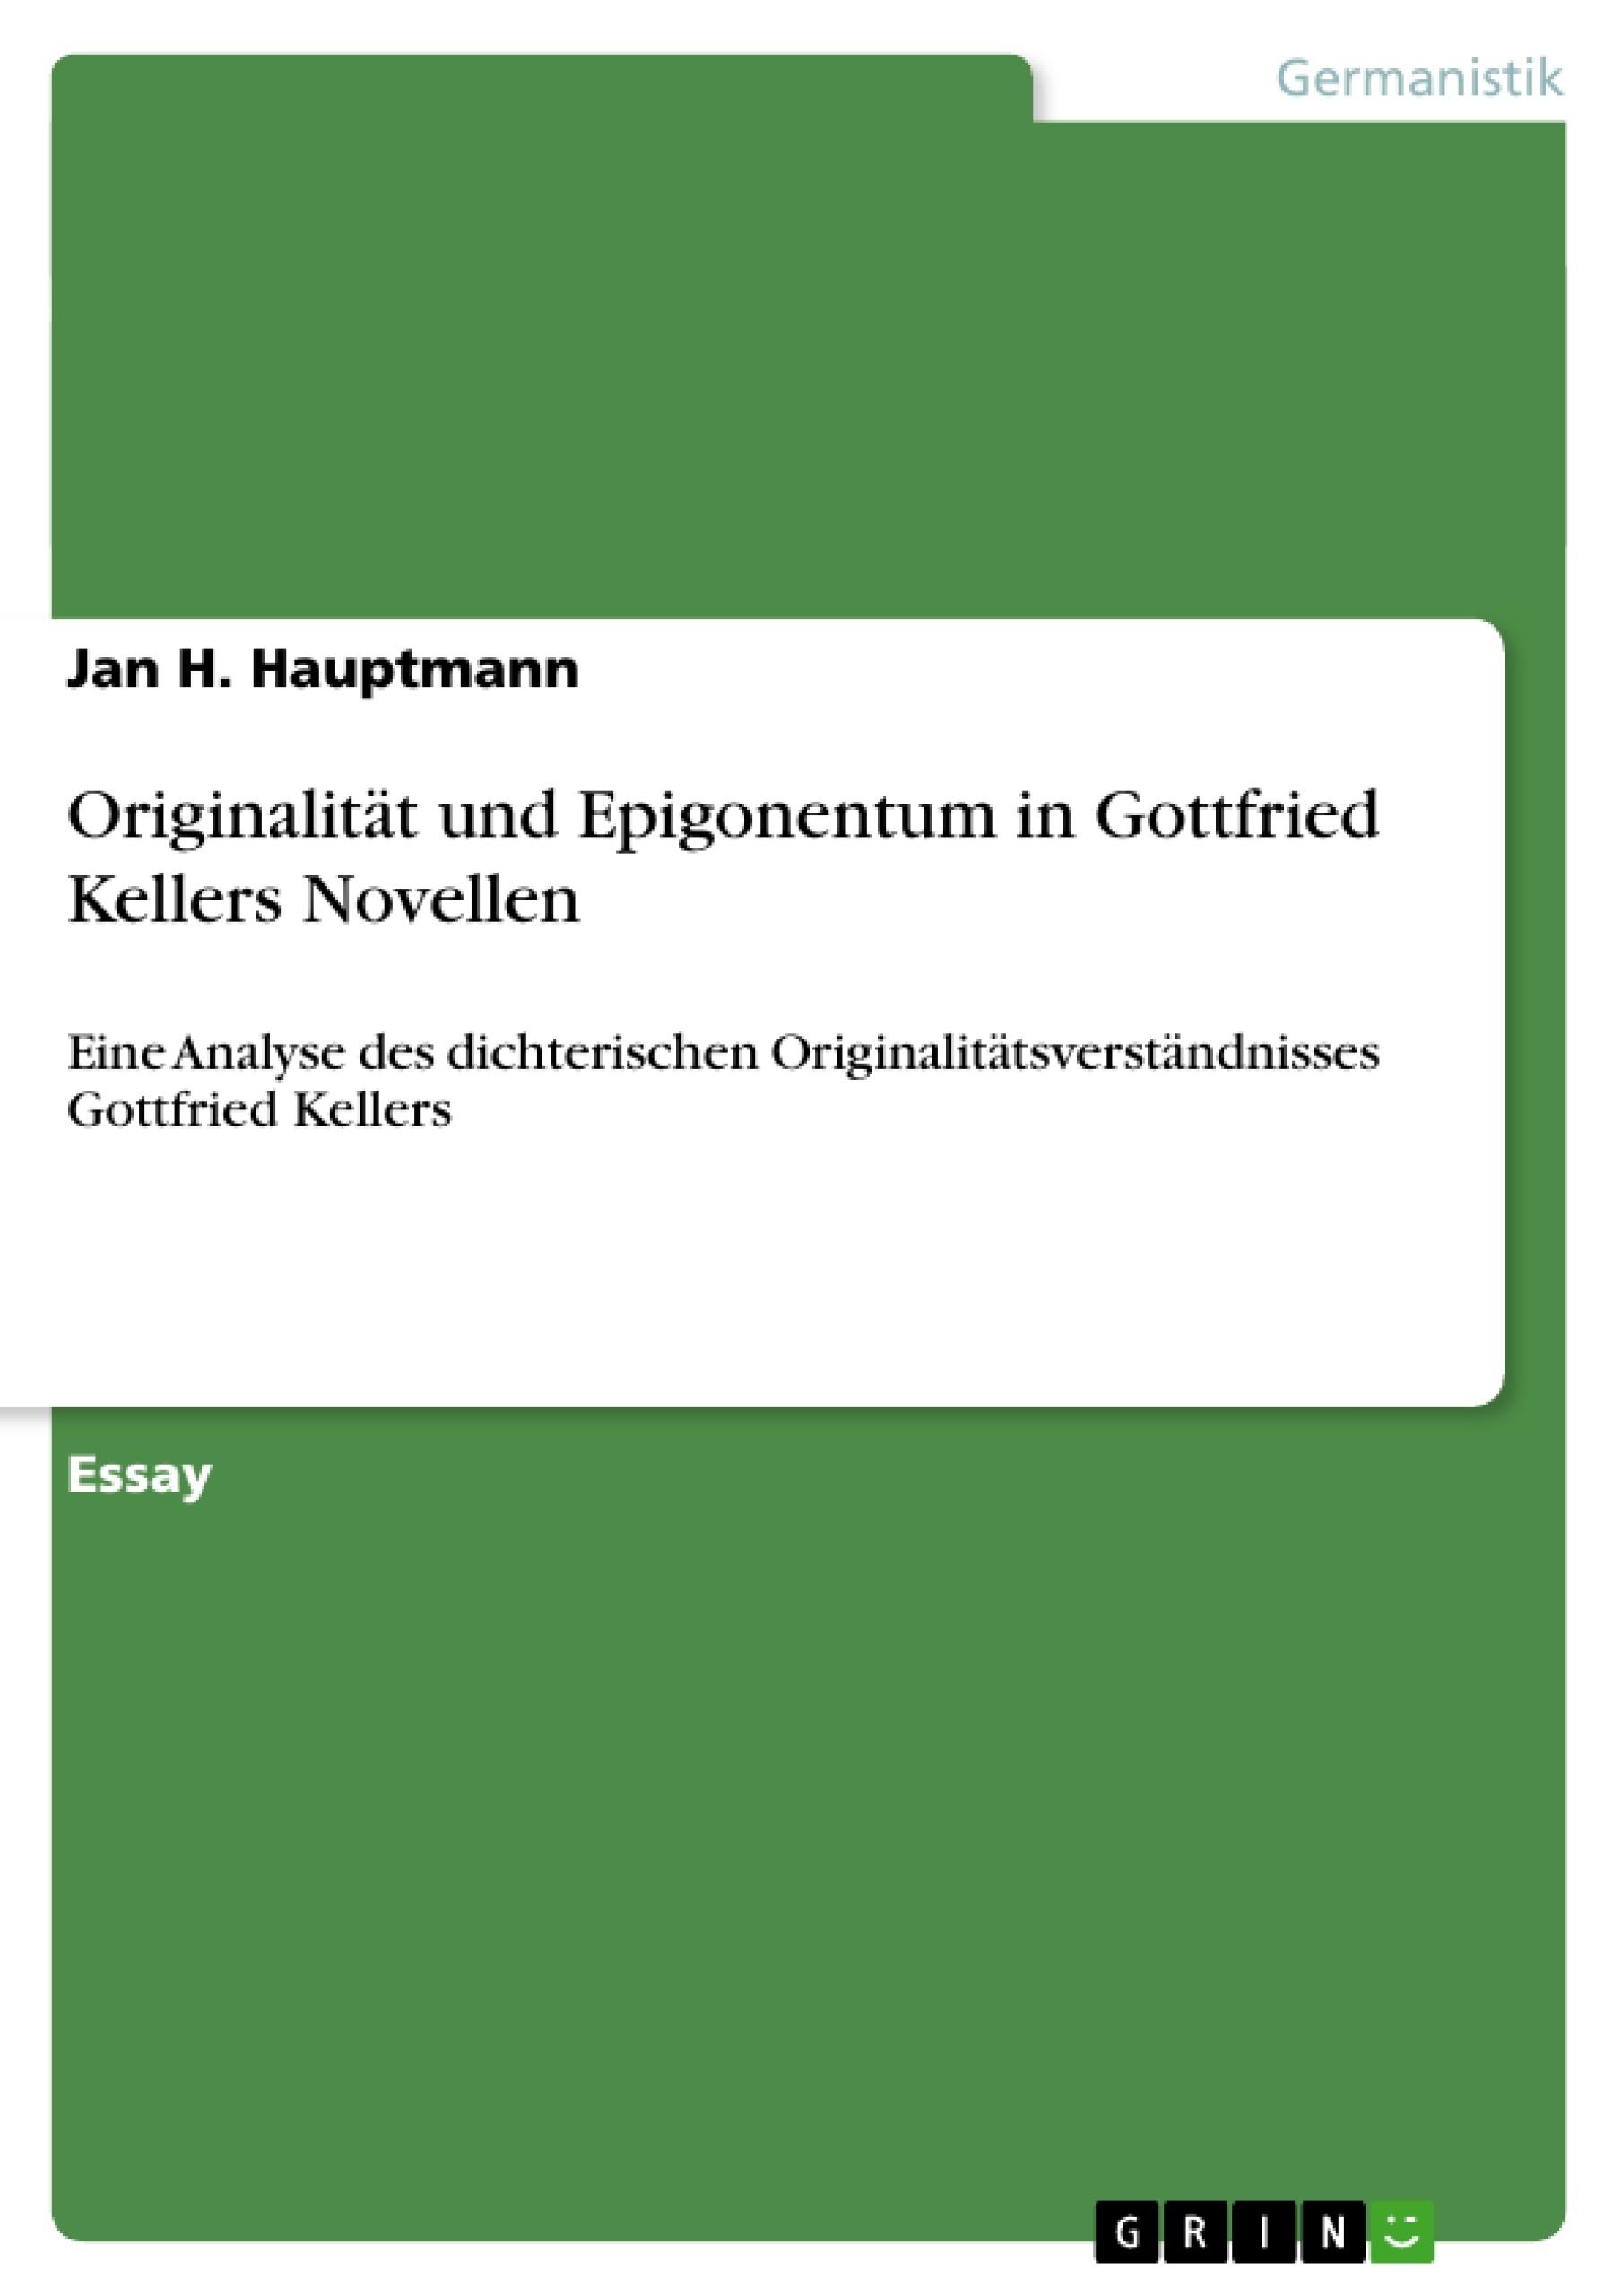 Titel: Originalität und Epigonentum in Gottfried Kellers Novellen